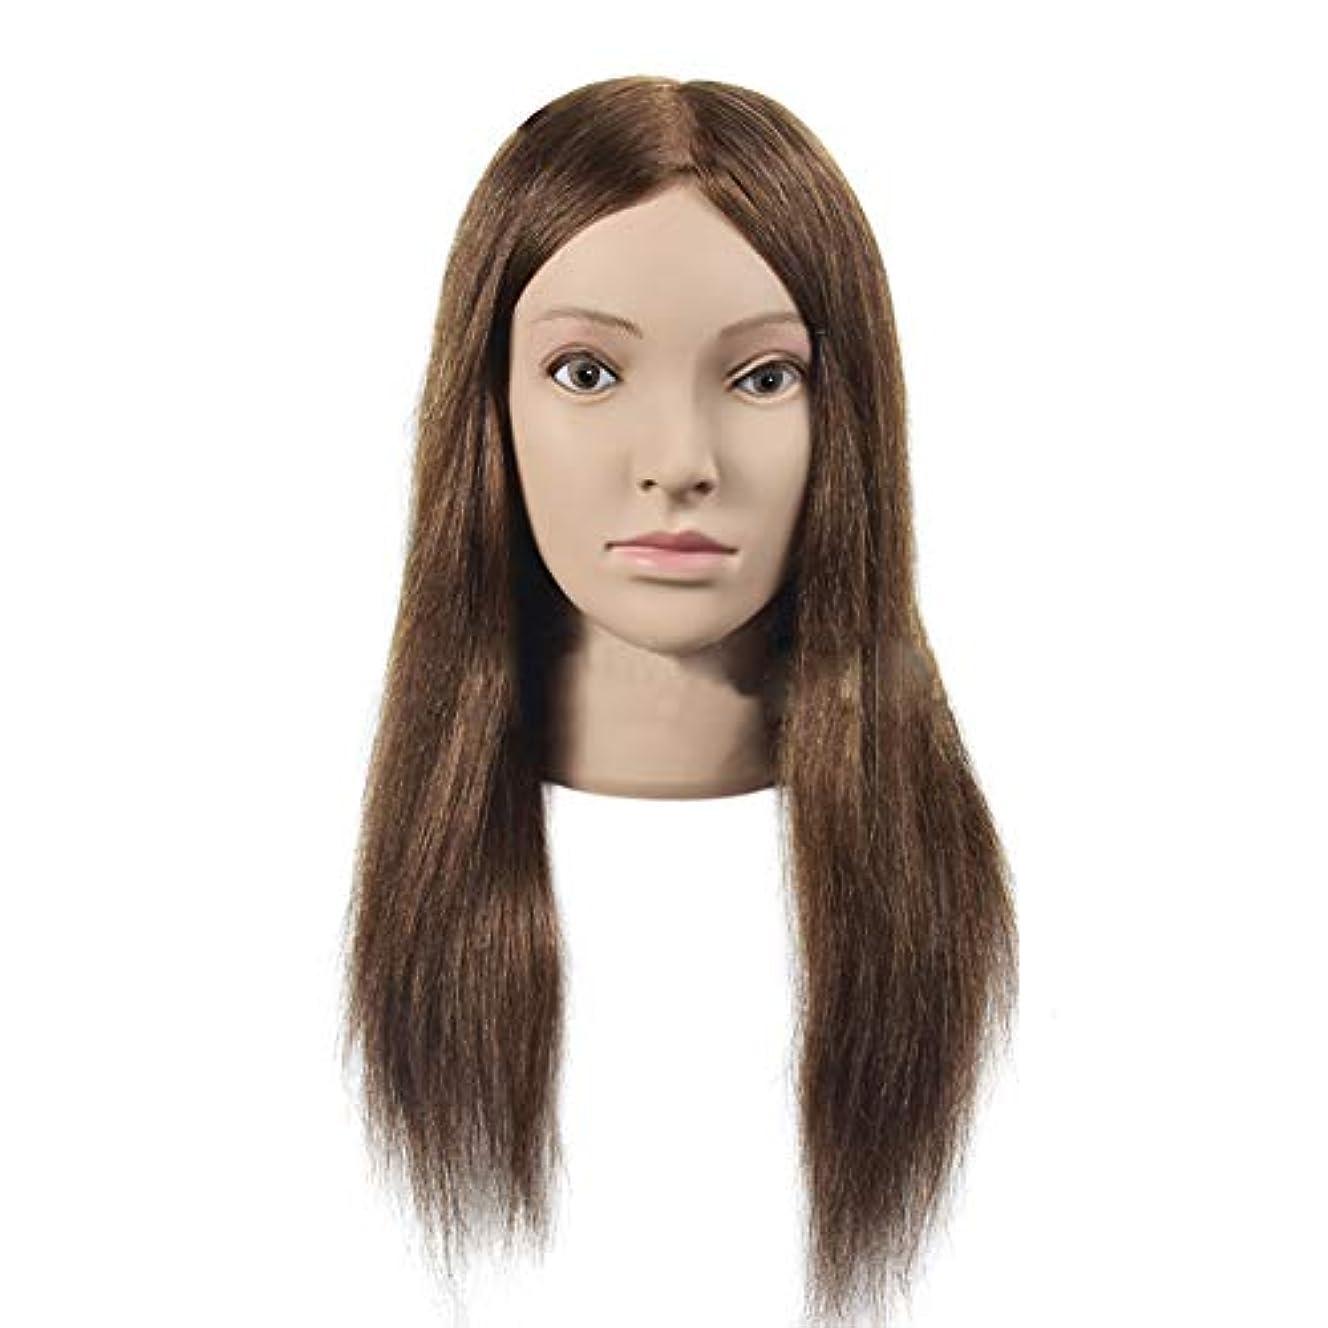 抜本的なタオルドラッグ専門の練習ホット染色漂白はさみモデリングマネキン髪編組髪かつら女性モデルティーチングヘッド